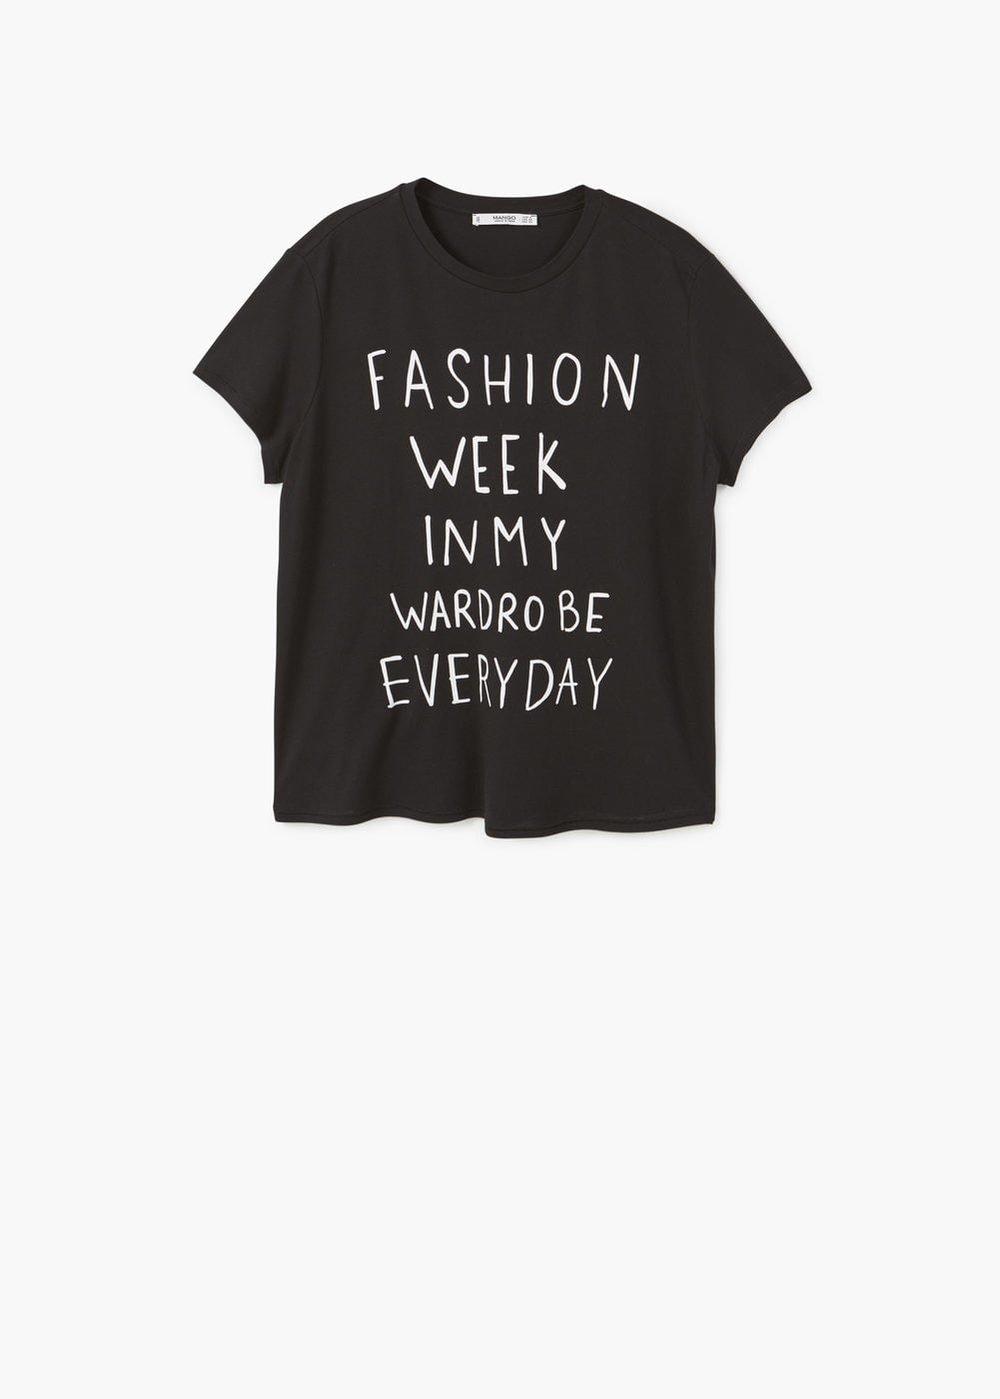 T-shirt-mensagem-estampado-799€-.jpg